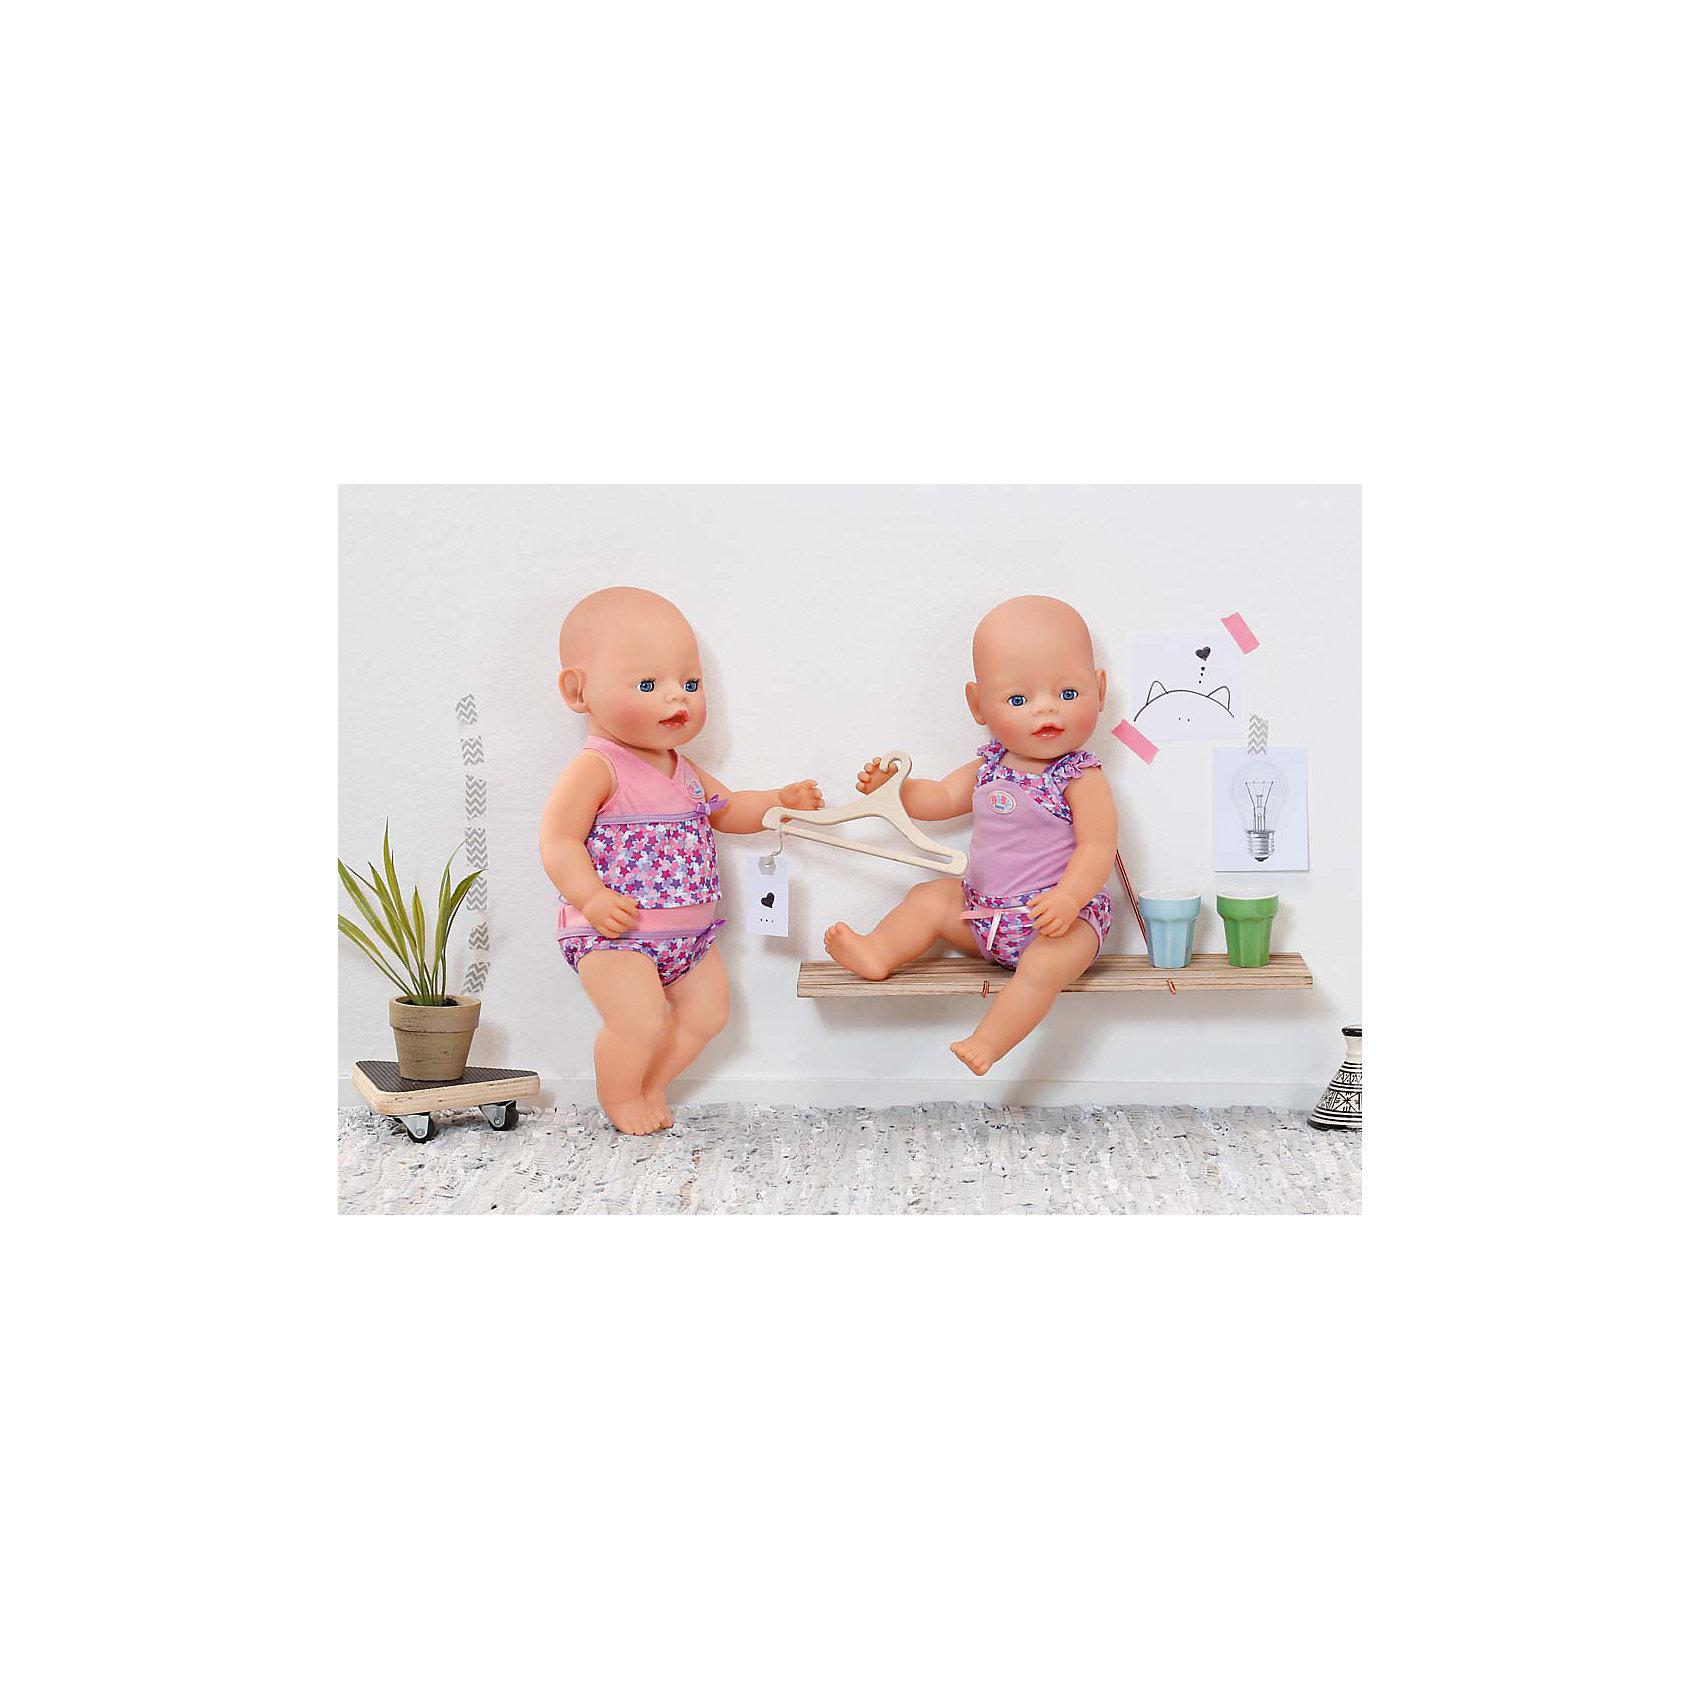 Zapf Creation Нижнее белье, розово-фиолетовый, BABY born нижнее белье из латвии где